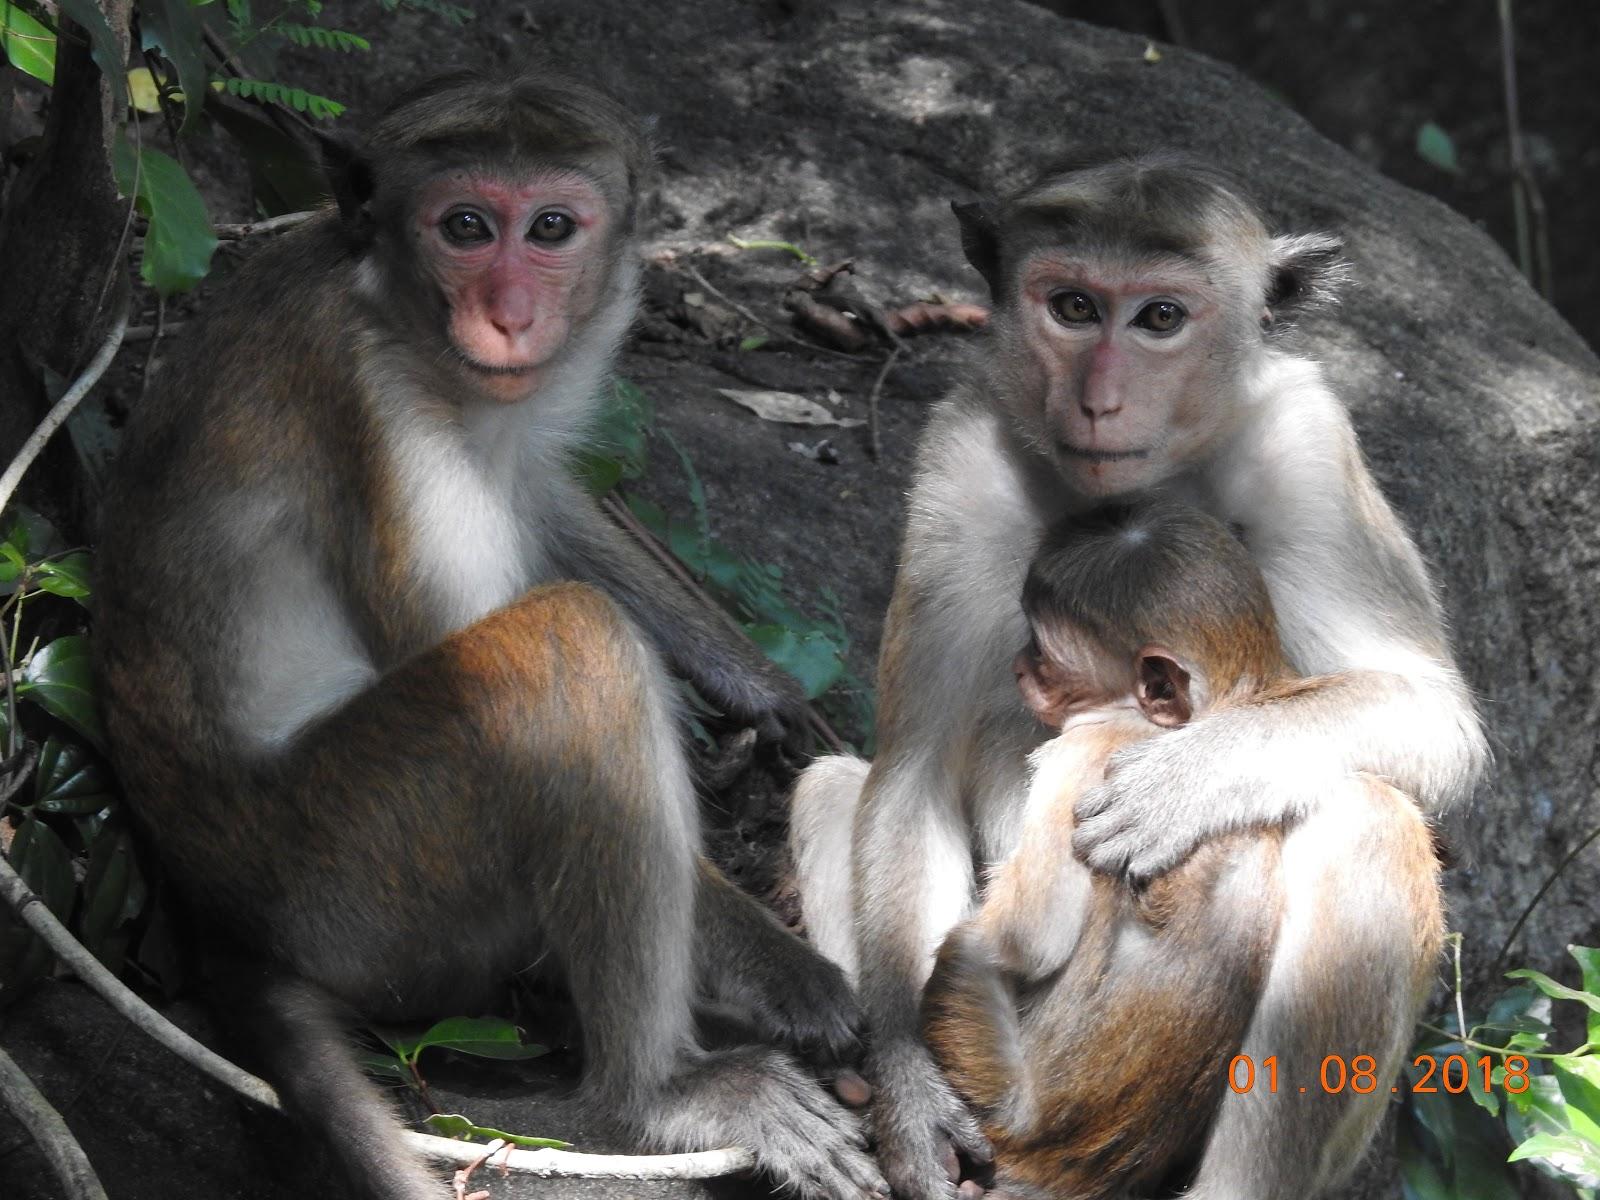 invite-to-paradise-sri-lanka-maldives-holiday-specialists-nutan-vidyut-patel-monkeys.jpg